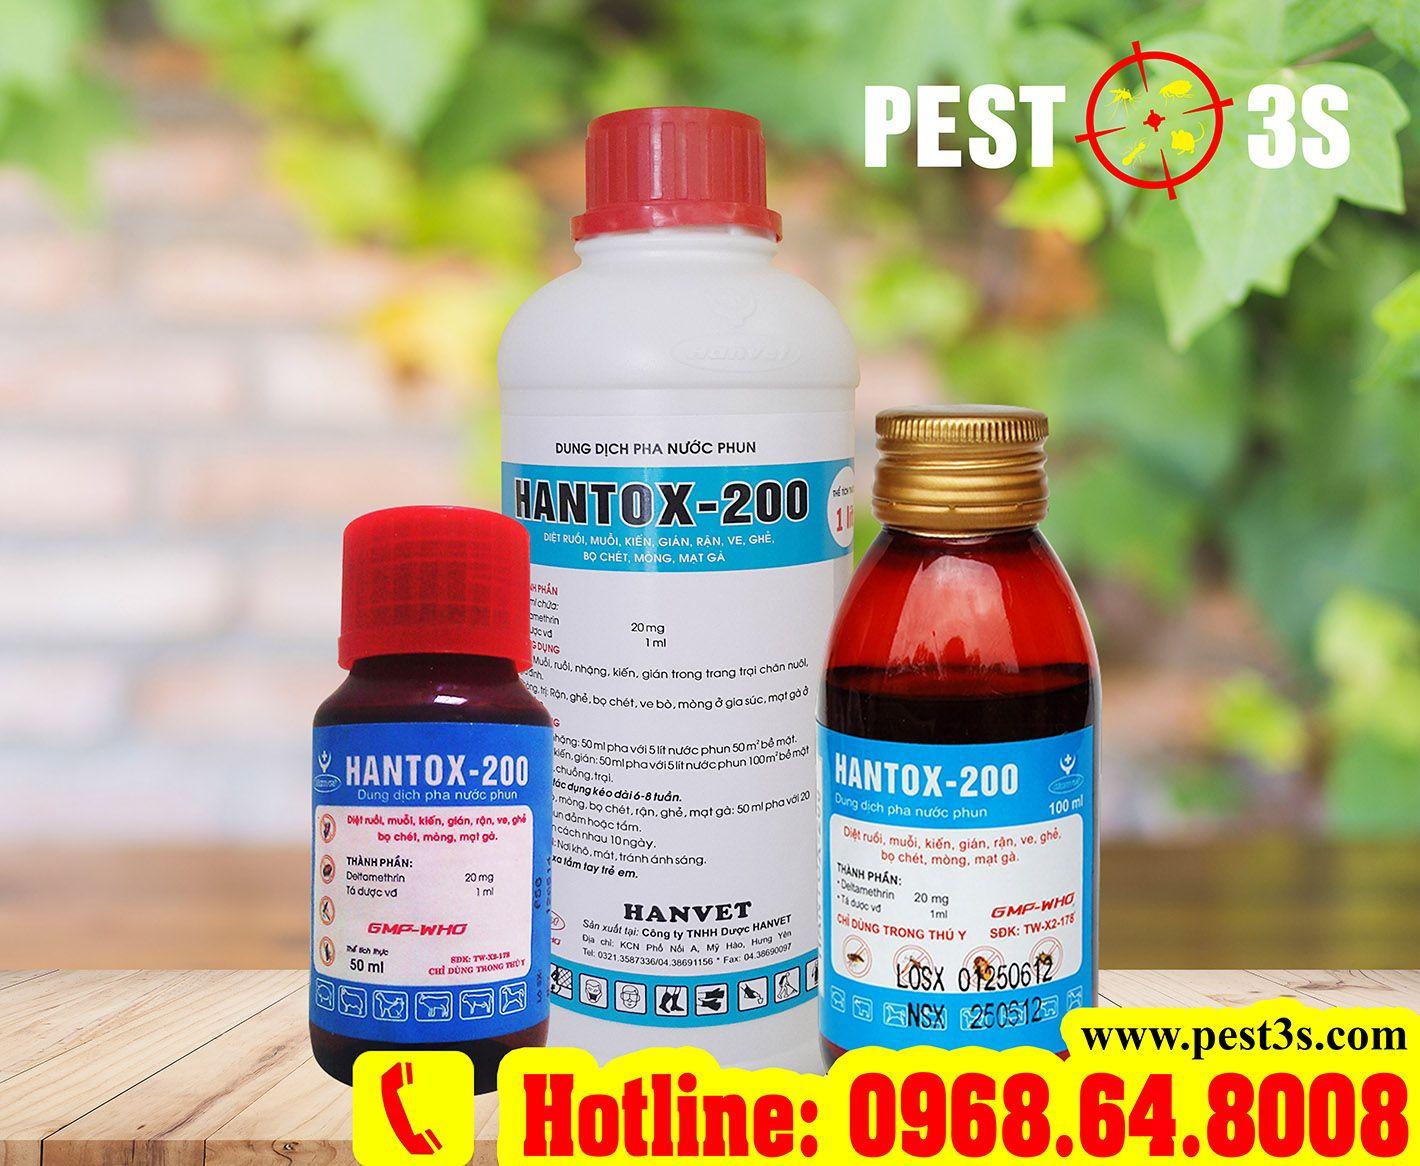 Thuốc Hantox-200 dùng có tốt và hiệu quả không?